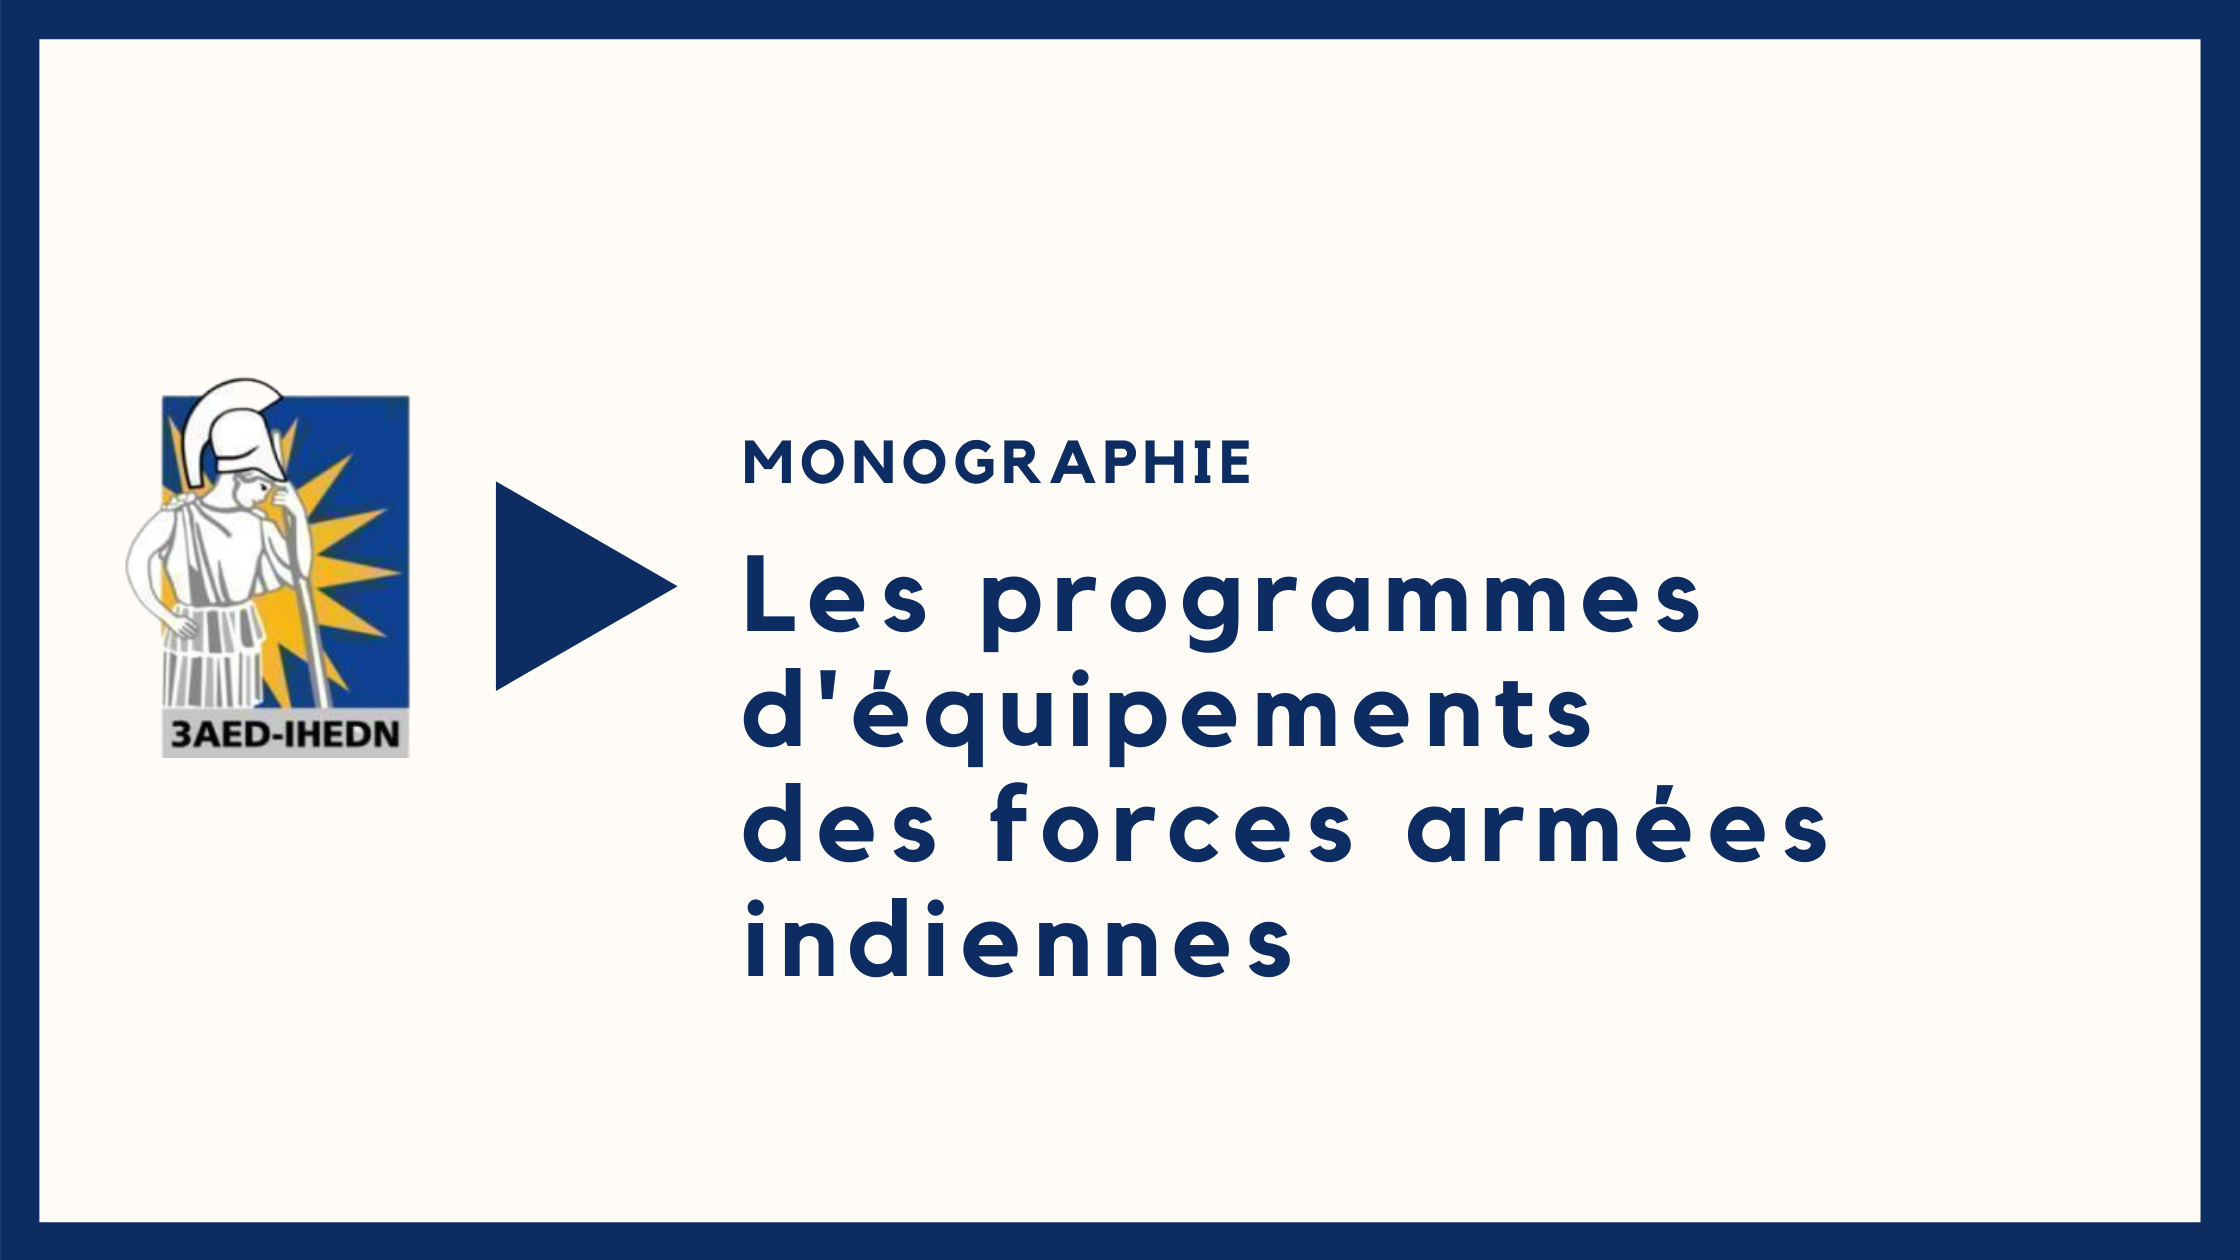 Monographie | Les programmes d'équipements des forces armées indiennes